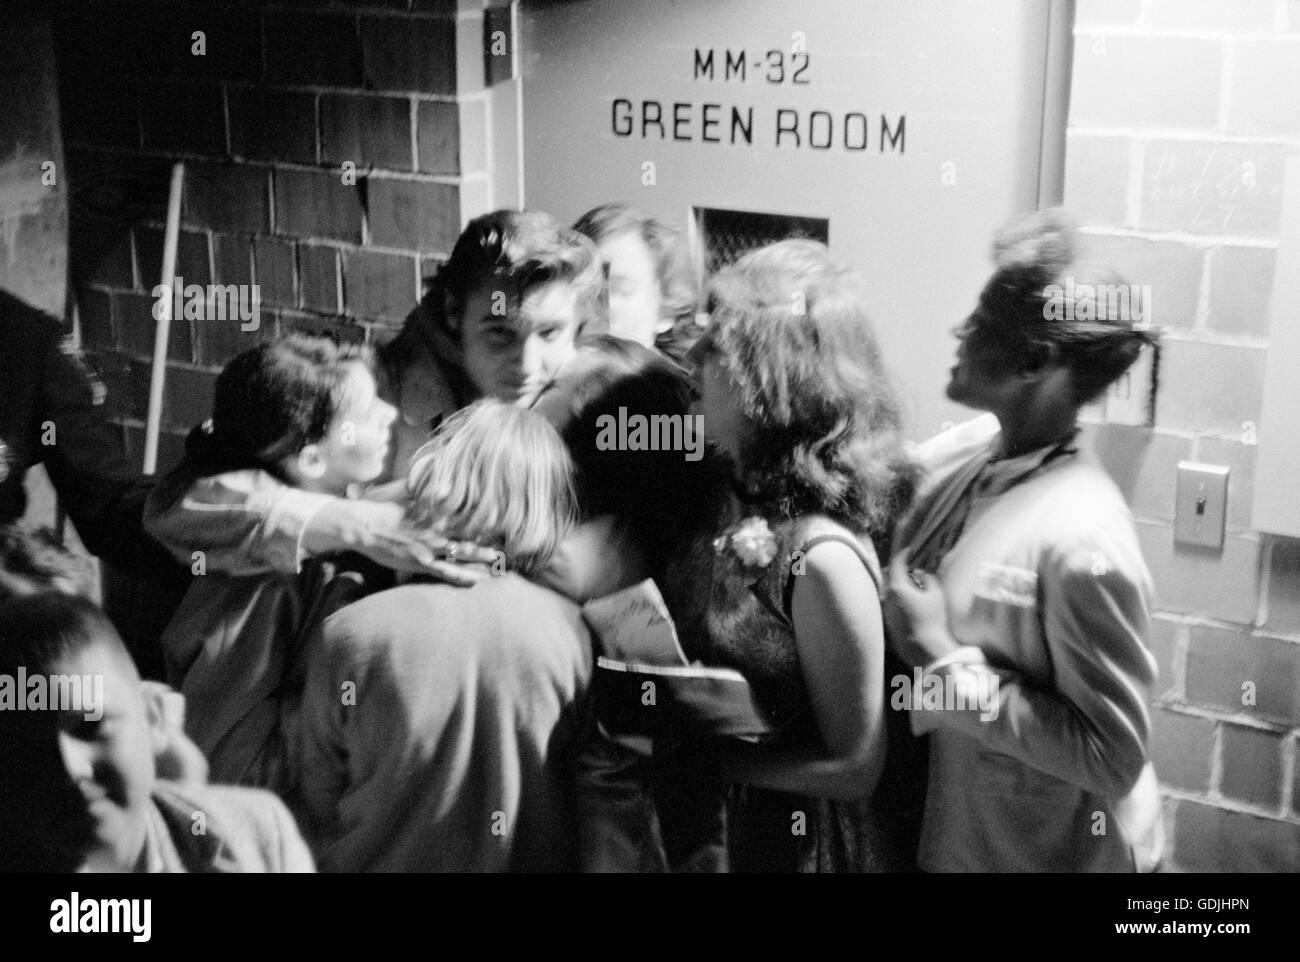 Elvis Presley abrazar a un grupo de fanáticos, backstage después de una actuación en la Universidad de Dayton Fieldhouse, 27 de mayo de 1956. Foto de stock